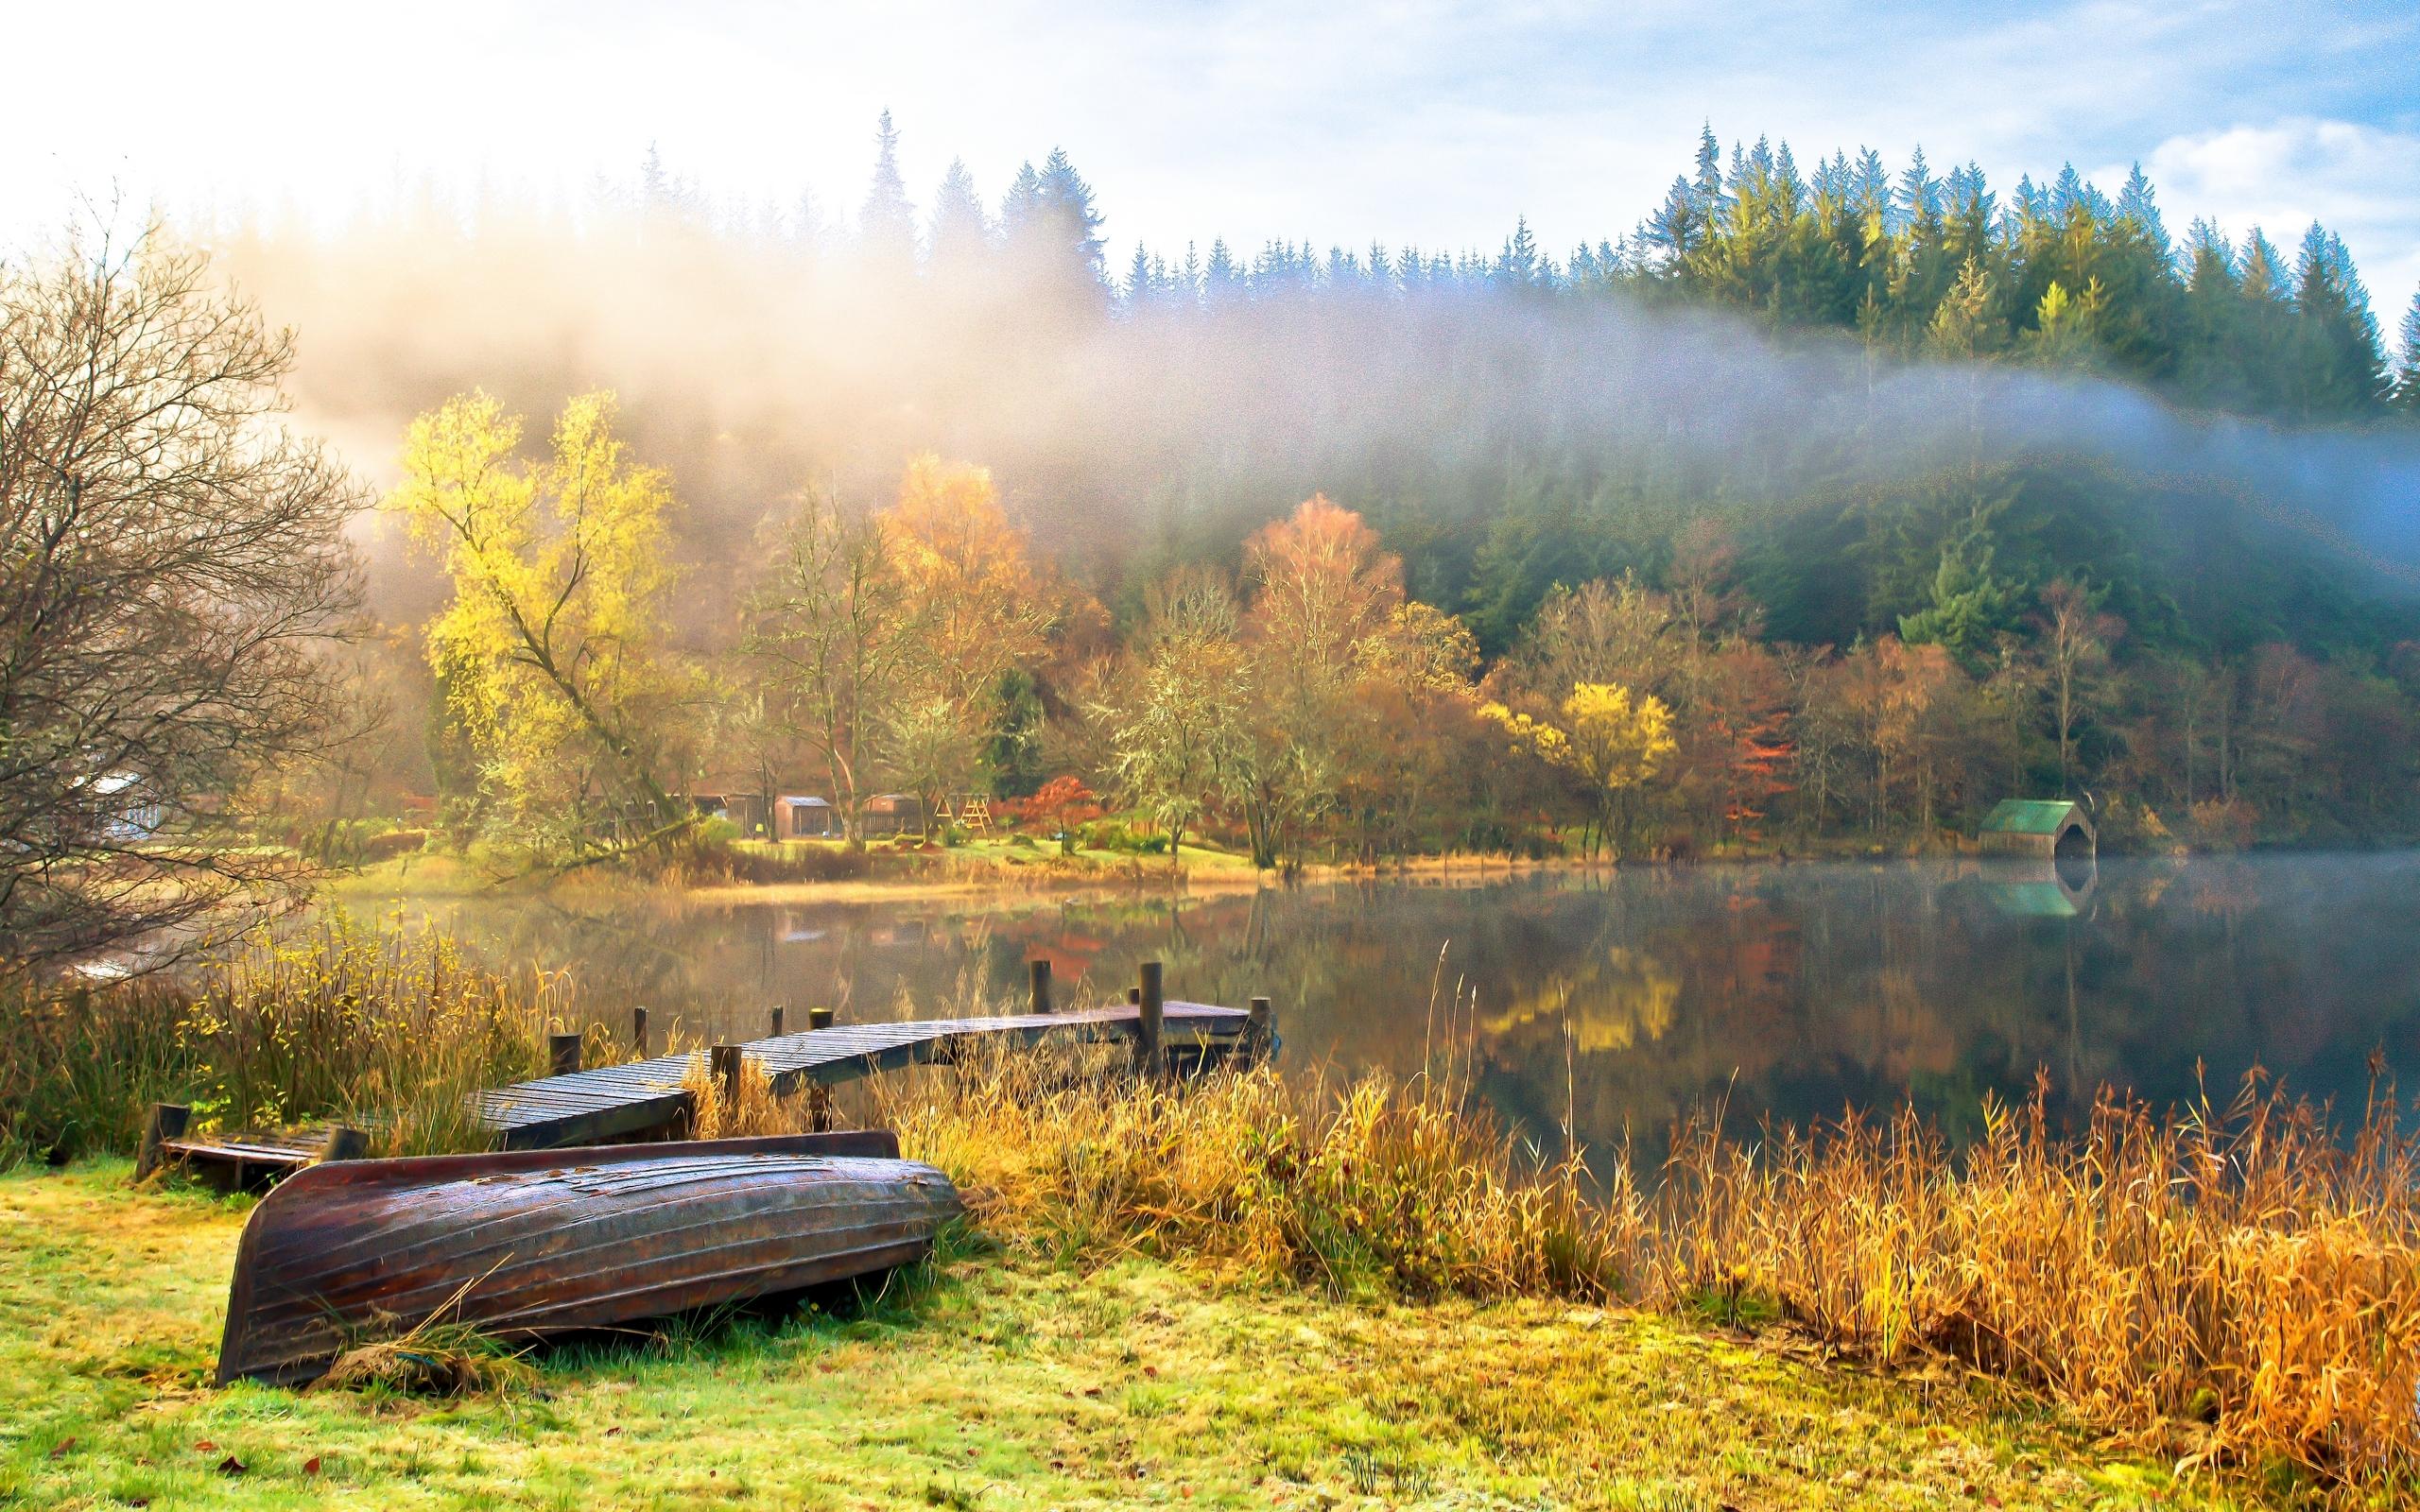 осень озеро природа облака деревья  № 2491520 загрузить